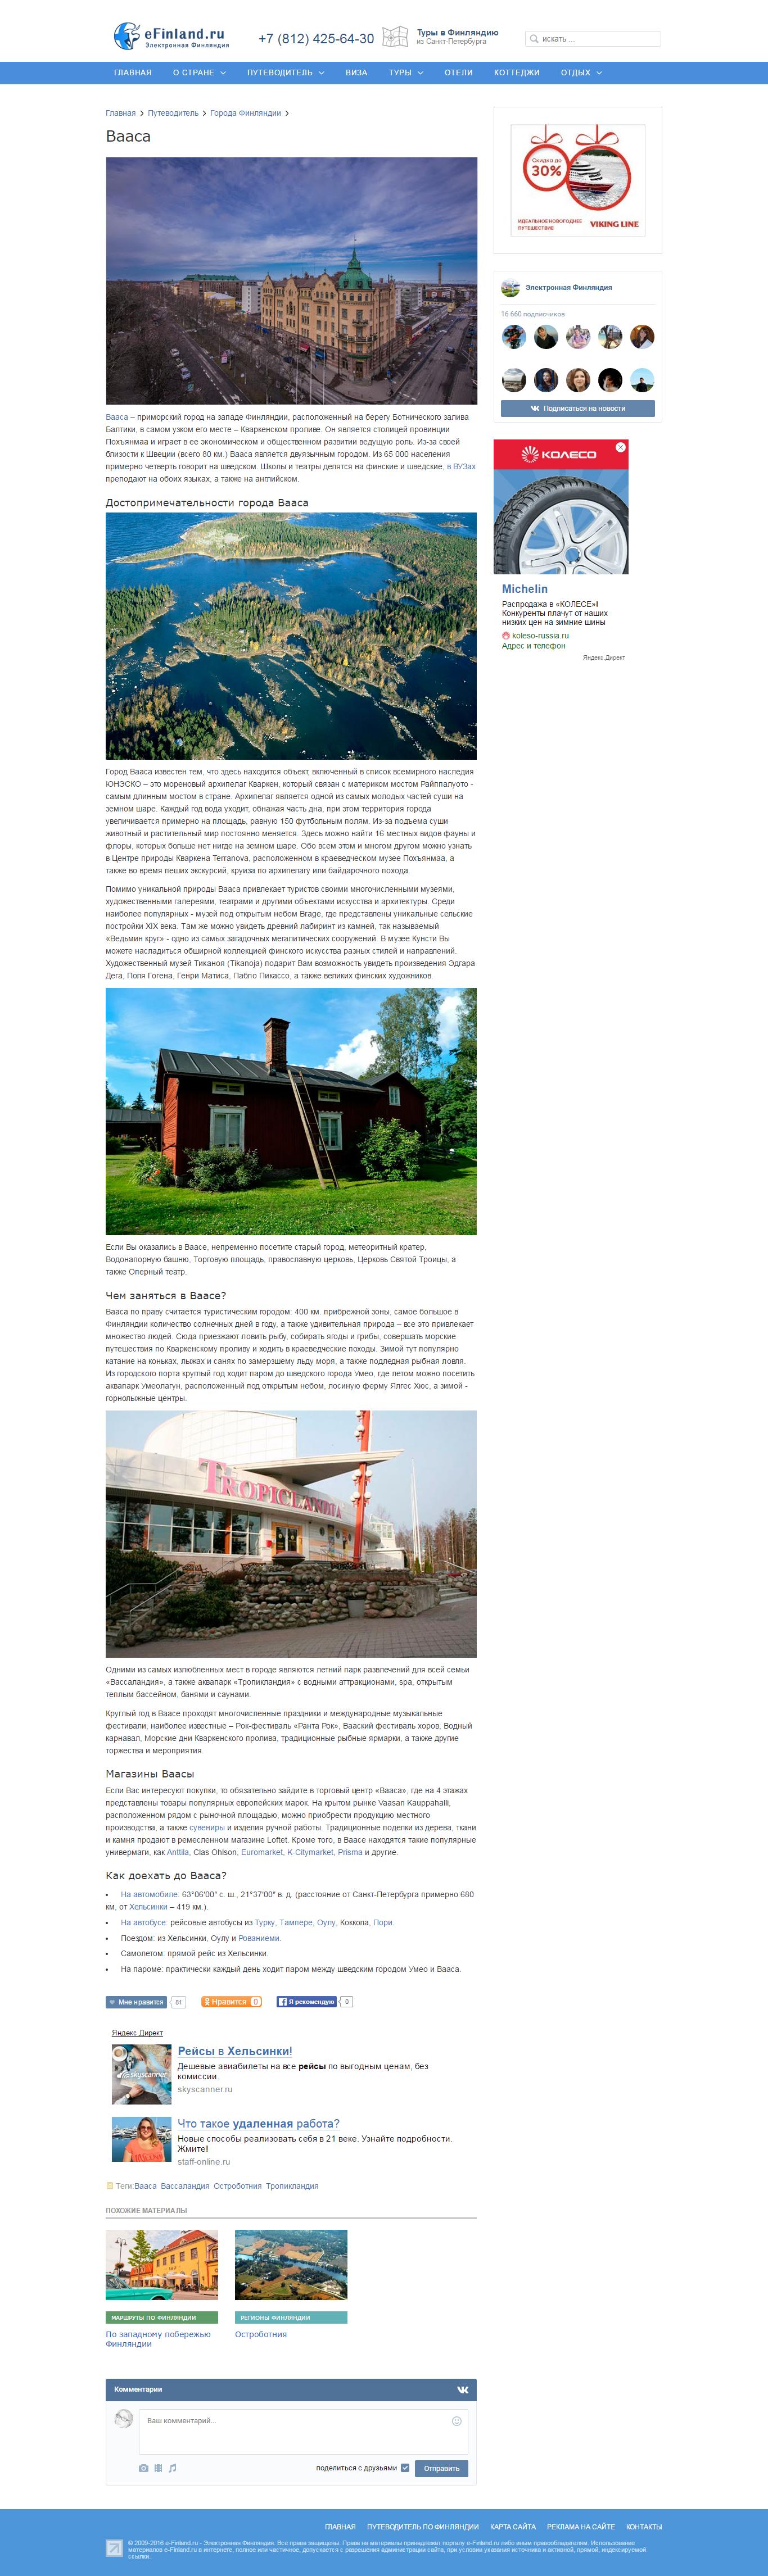 Статья о Ваасе для ресурса Электронная Финляндия